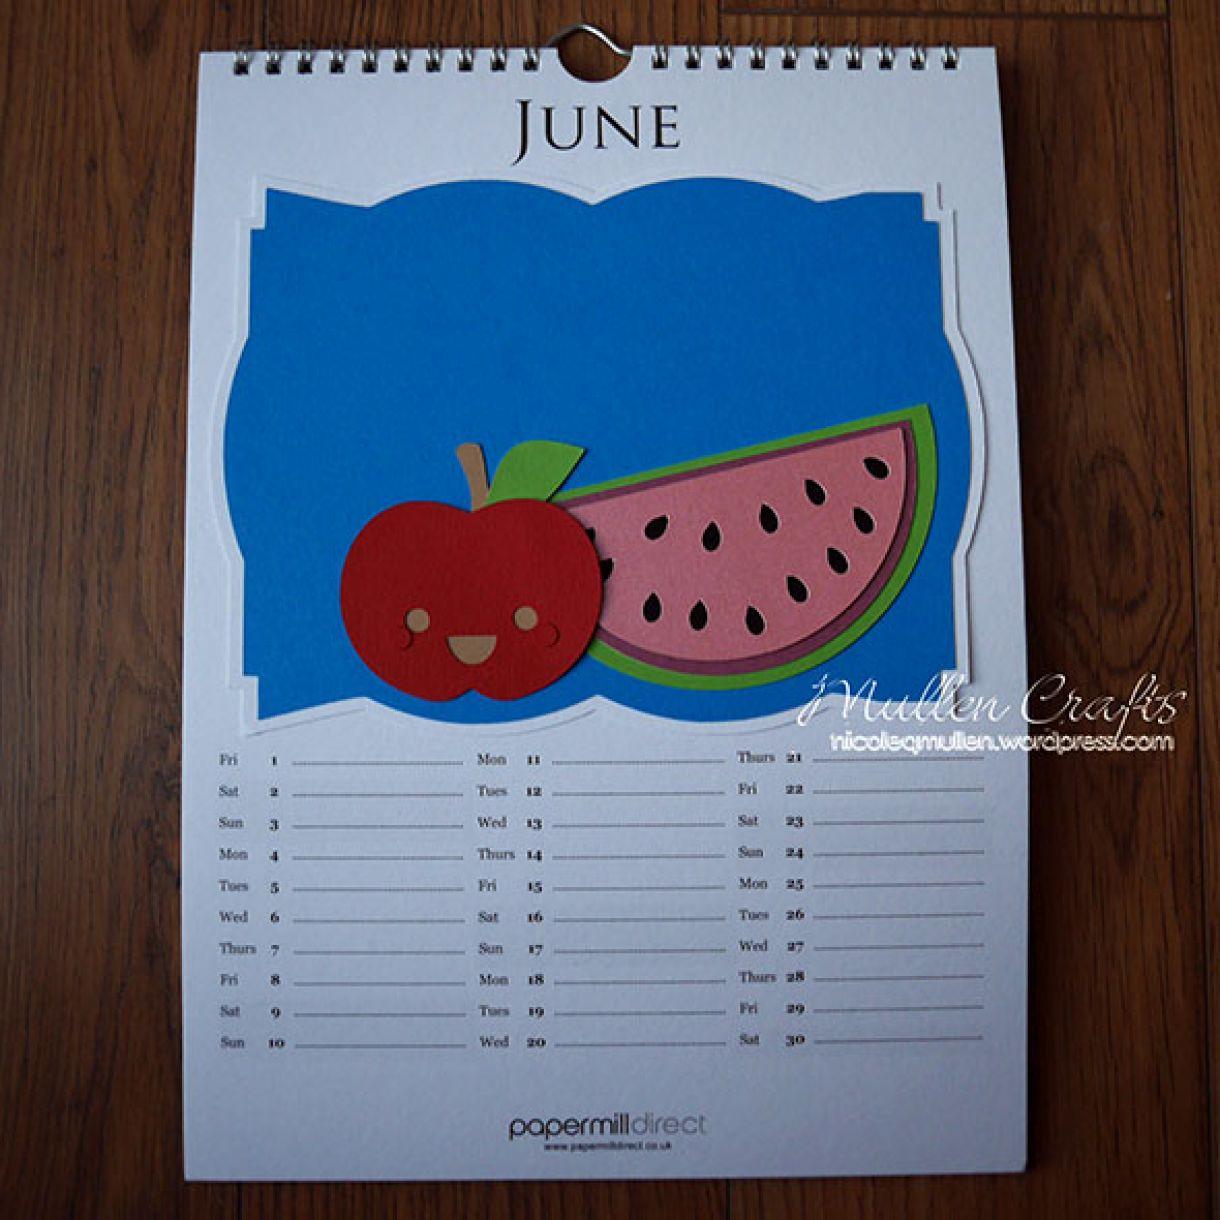 Nicole 2018 Calendar June1